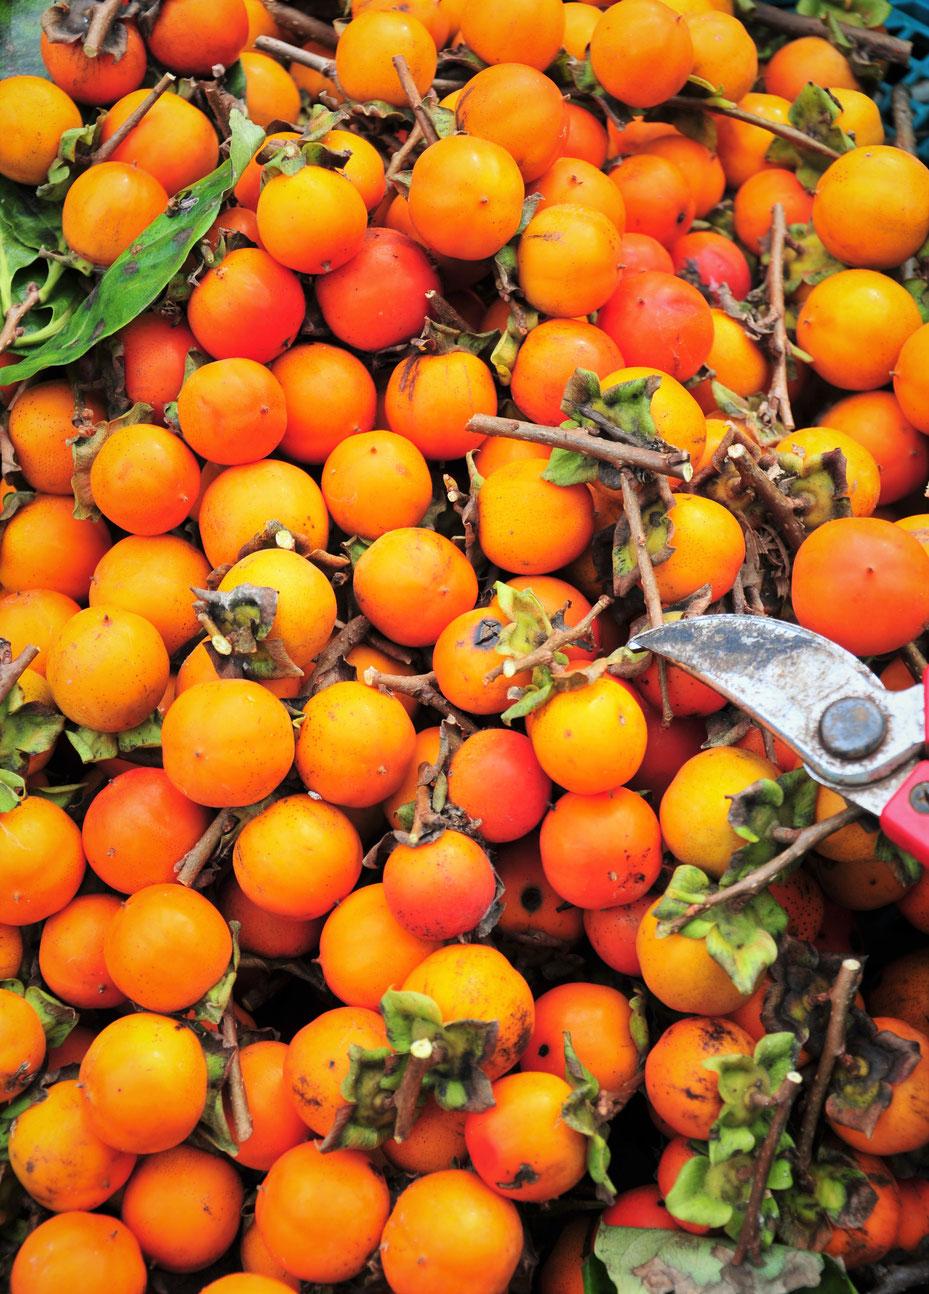 今は甘柿がほとんどなので、無農薬栽培の渋柿は貴重です。